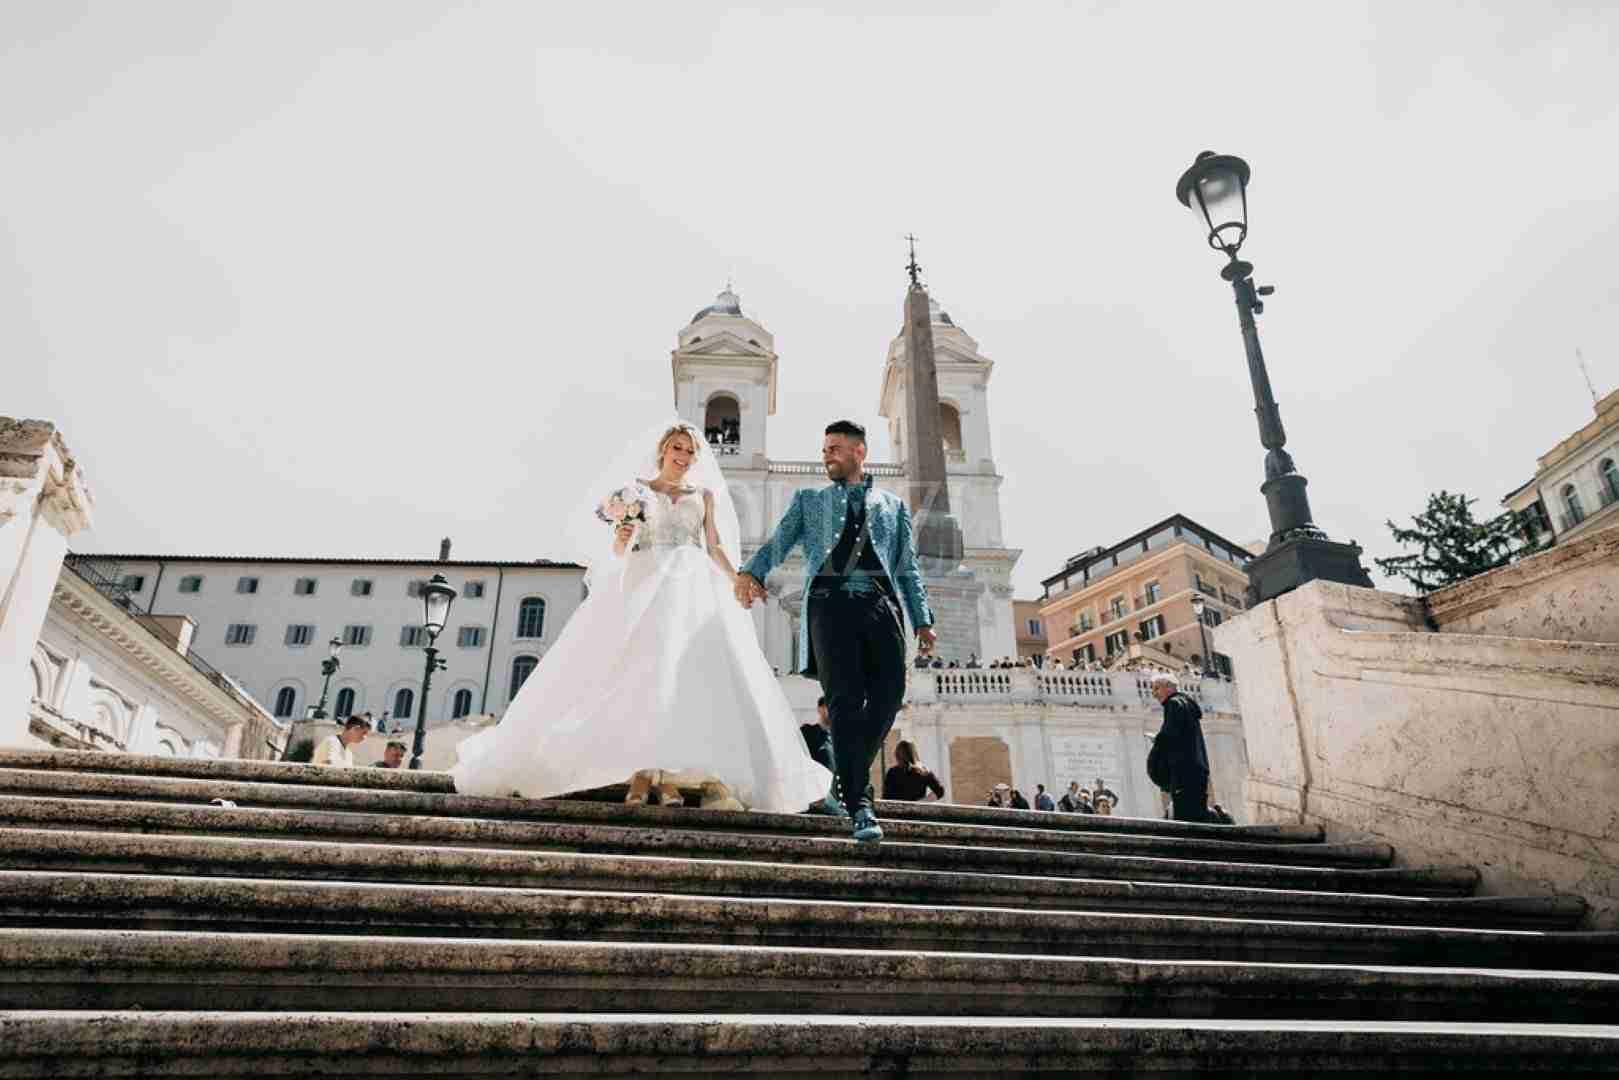 Perché a molti stranieri piace celebrare le nozze in Italia?